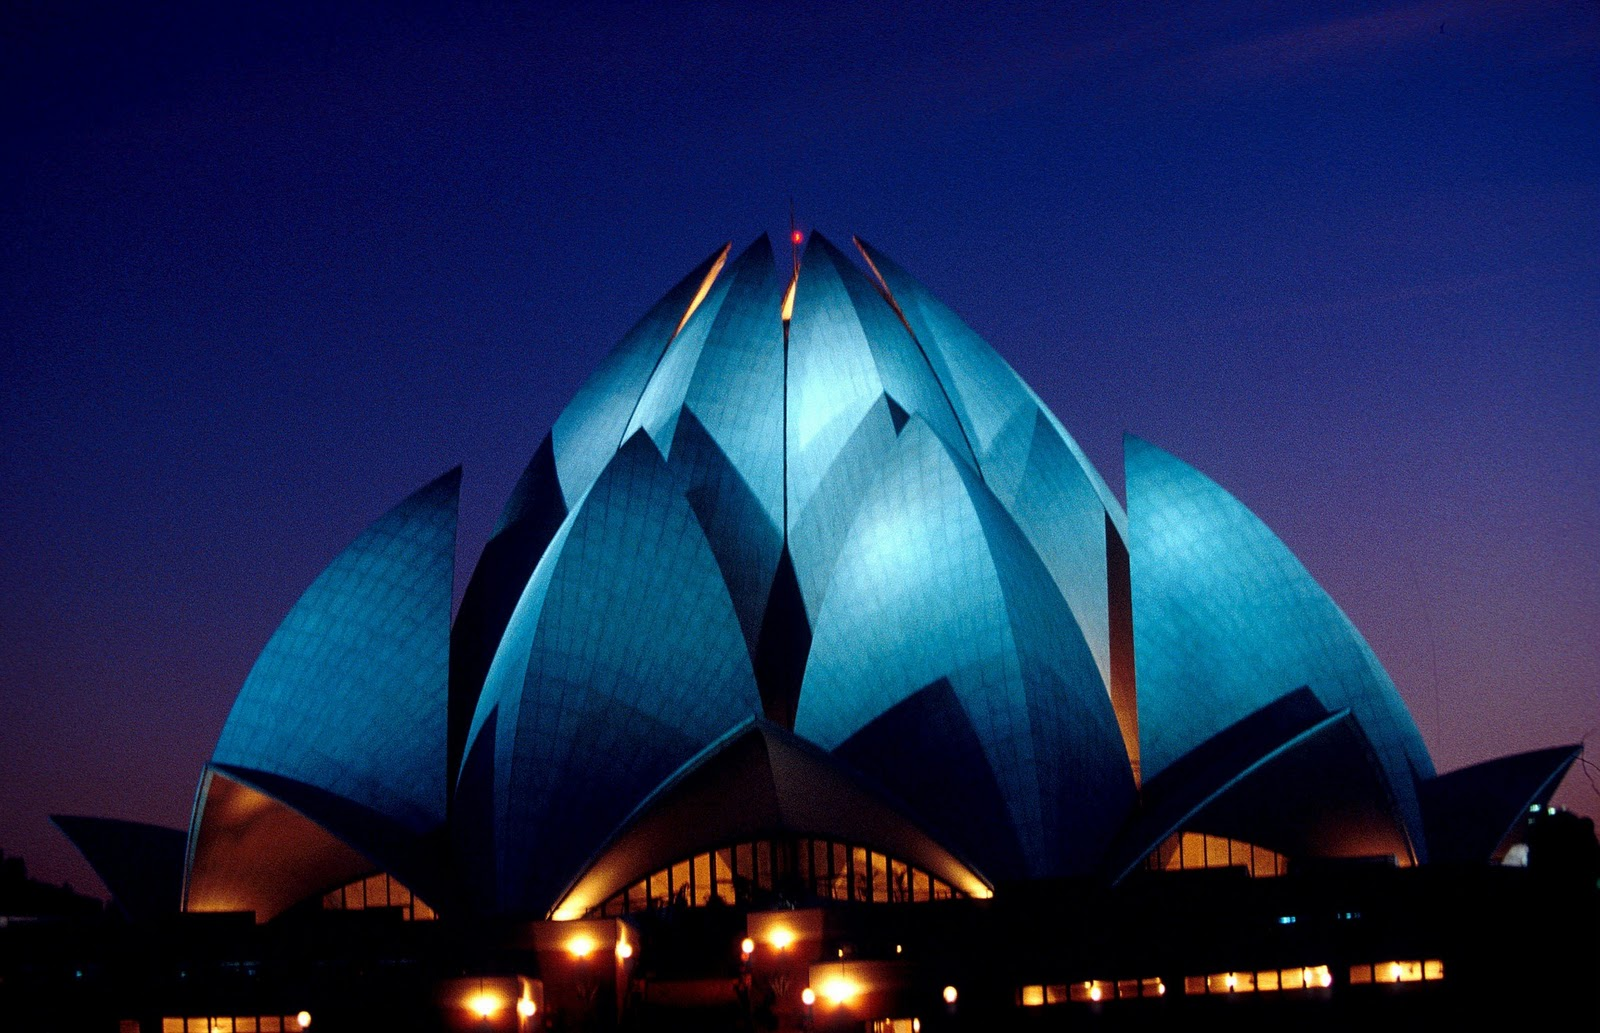 El templo del loto en Nueva Delhi-India